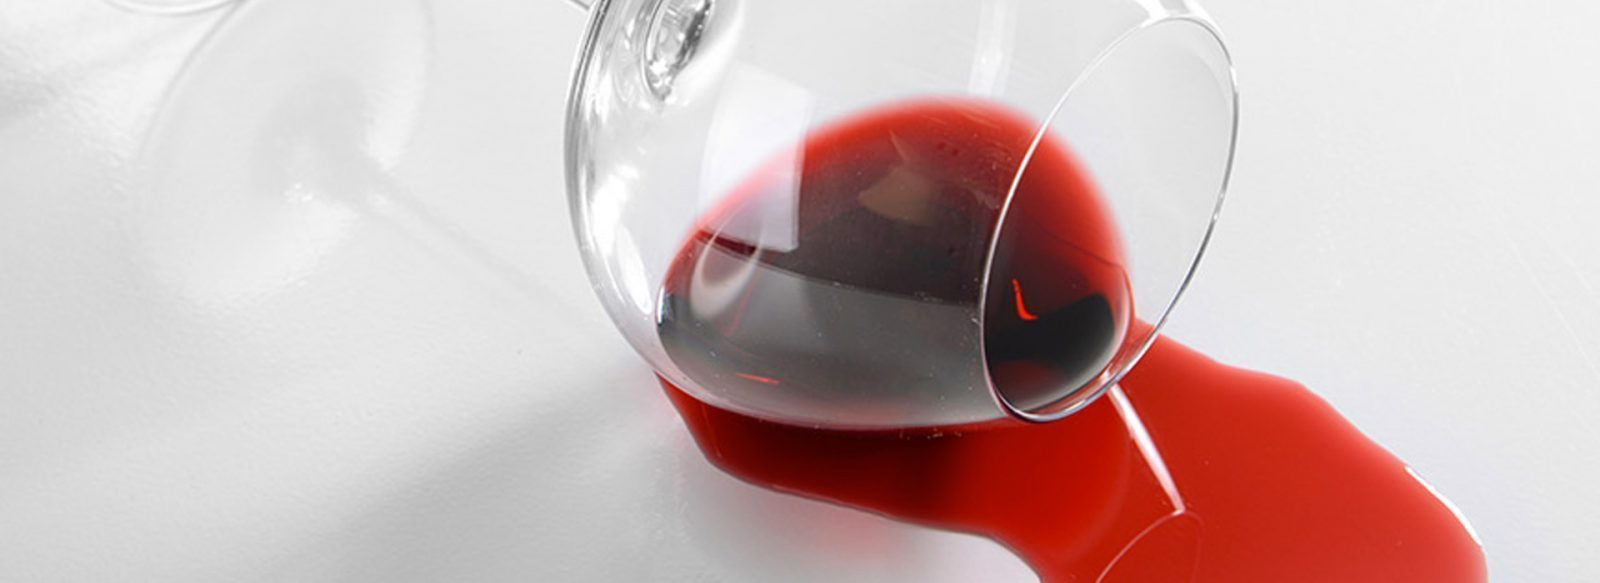 C mo limpiar el m rmol de las manchas de vino for Manchas en el marmol